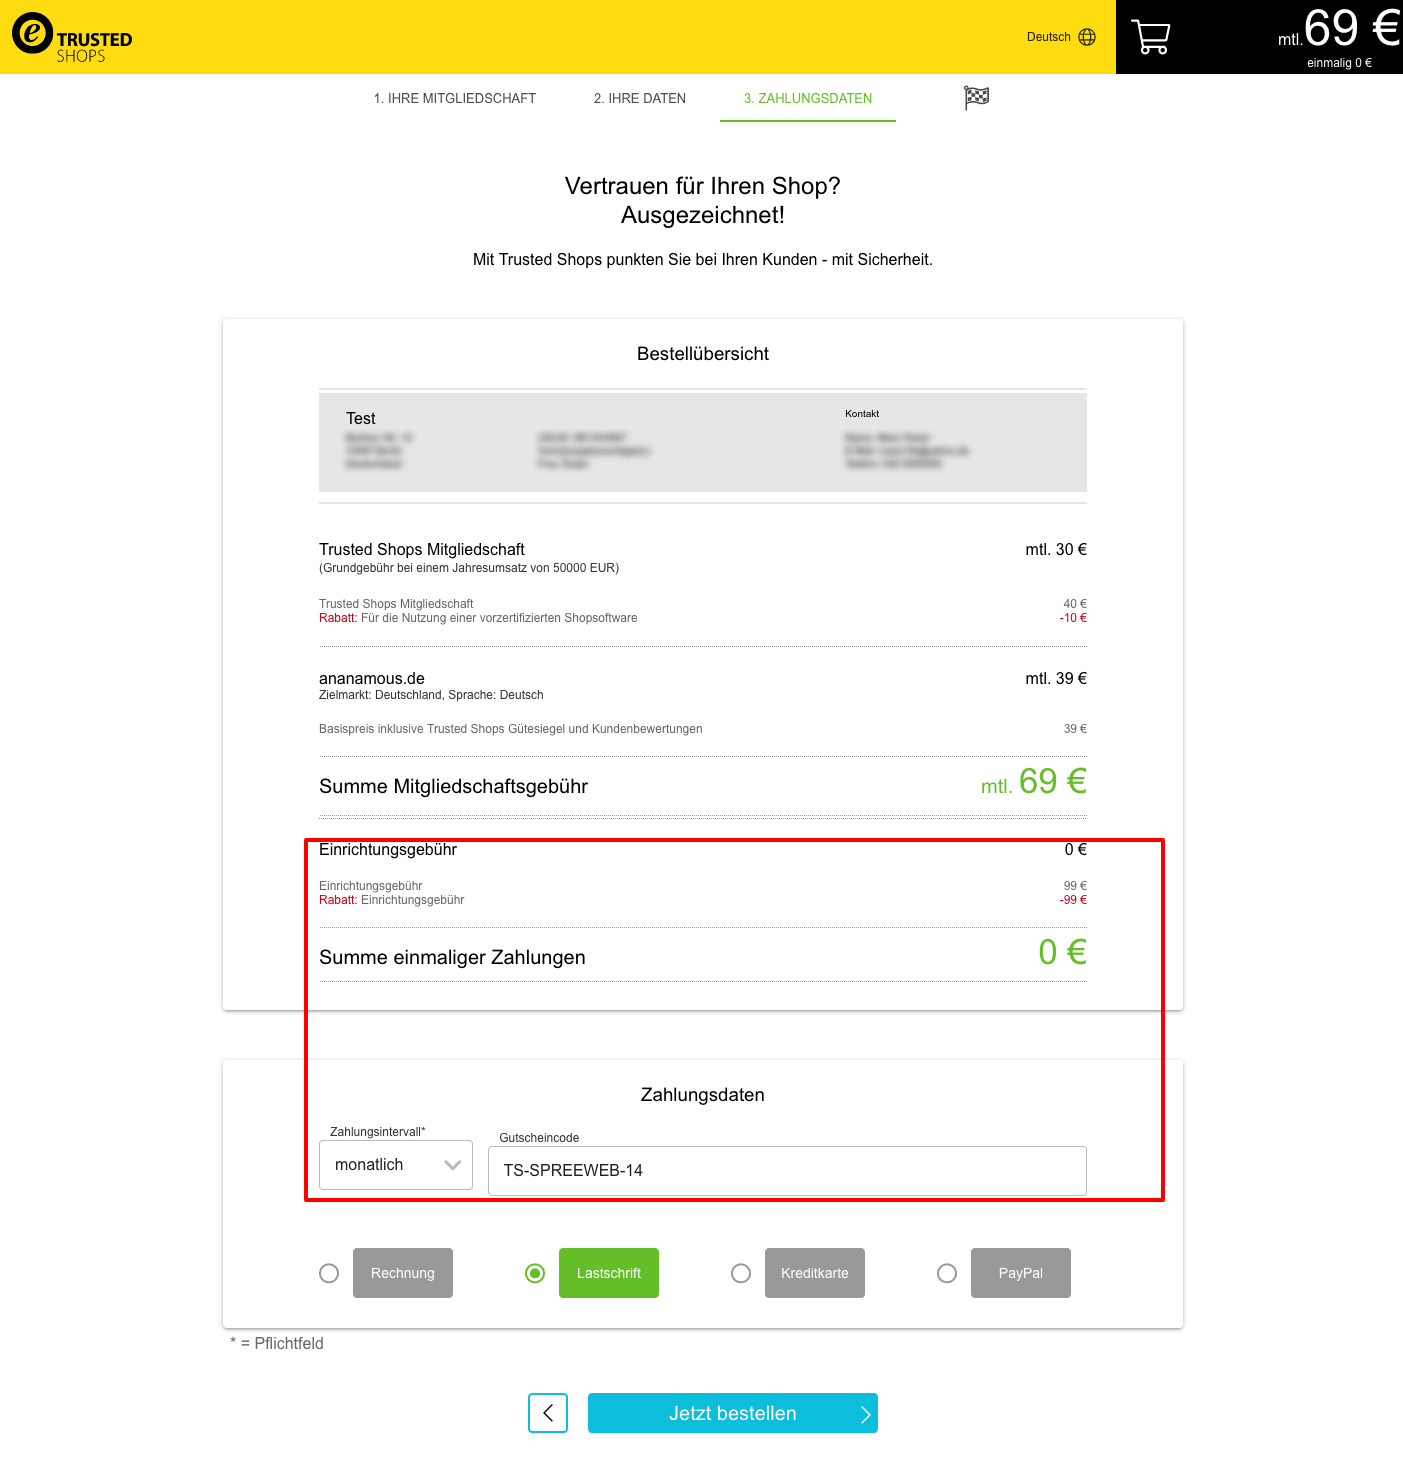 Trusted Shop Gutschein Code für 2019 im Bestellprozess angeben